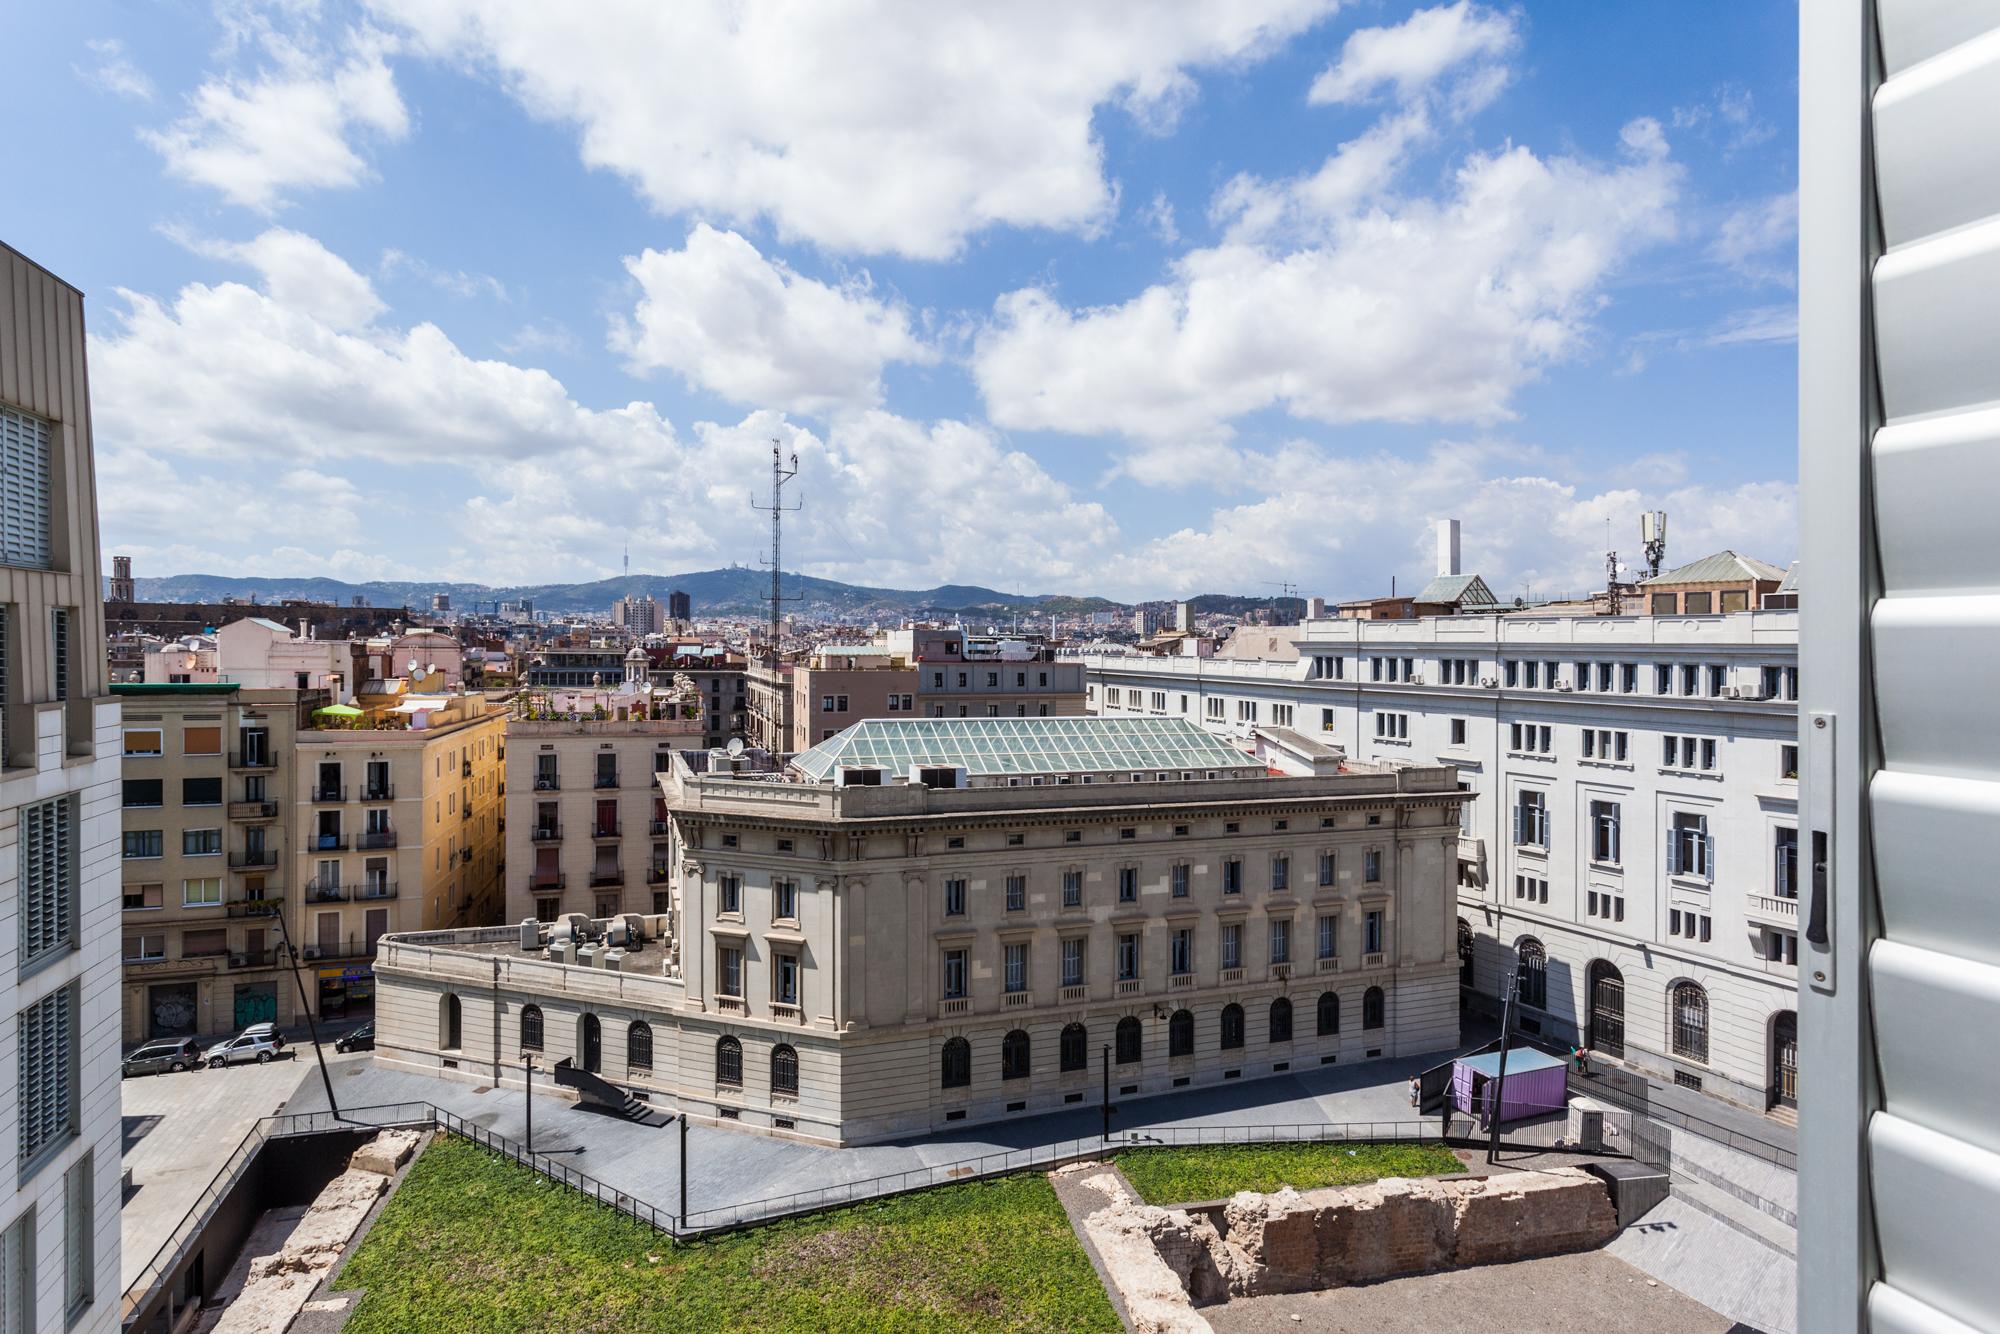 Piso en el puerto de barcelona my house barcelona - Permiso obras piso barcelona ...